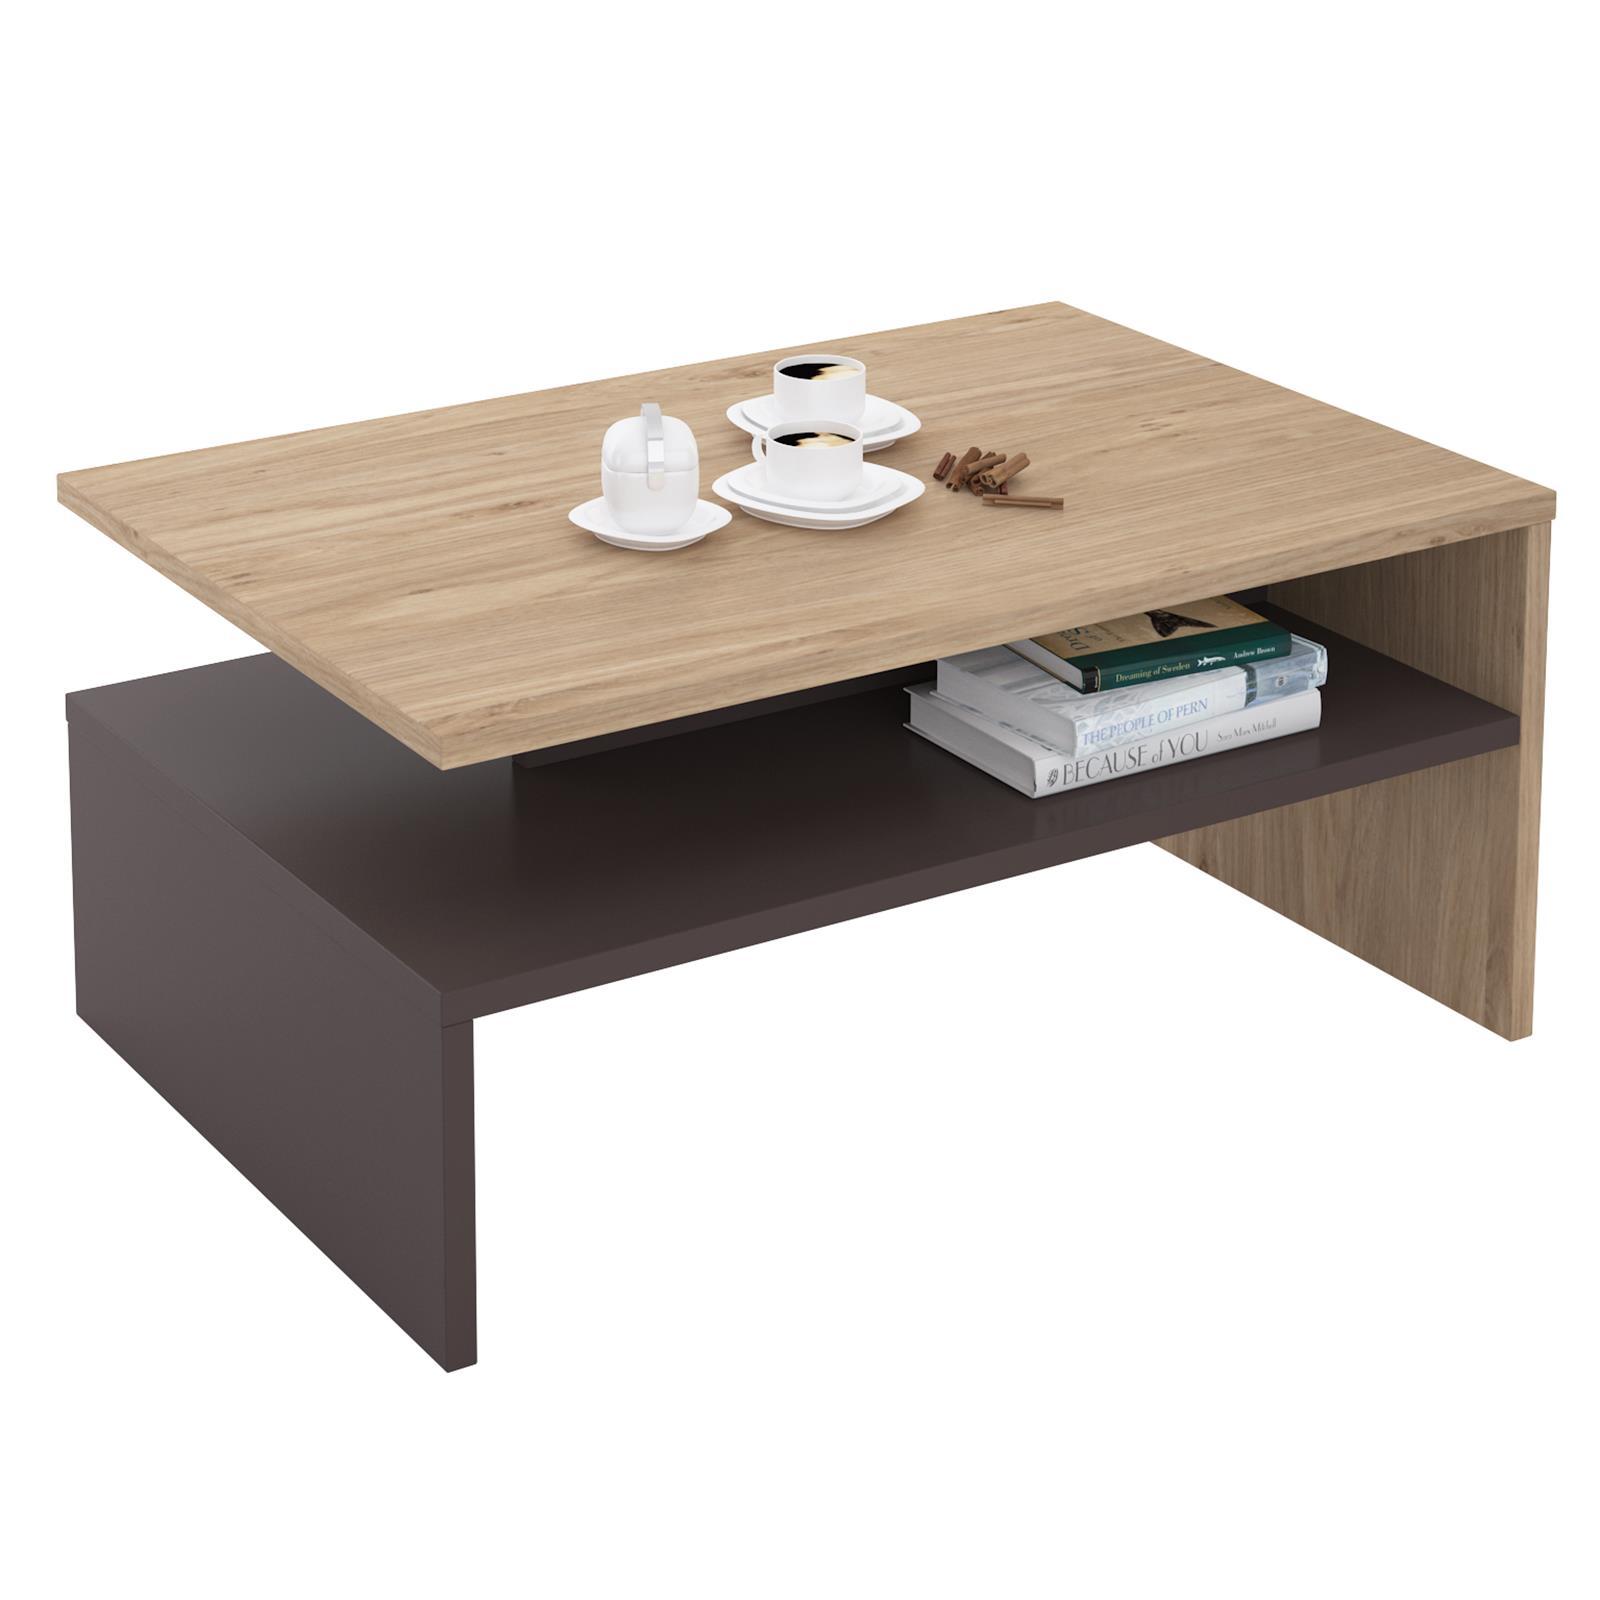 Details Zu Couchtisch Wohnzimmertisc H Beistelltisch Tisch